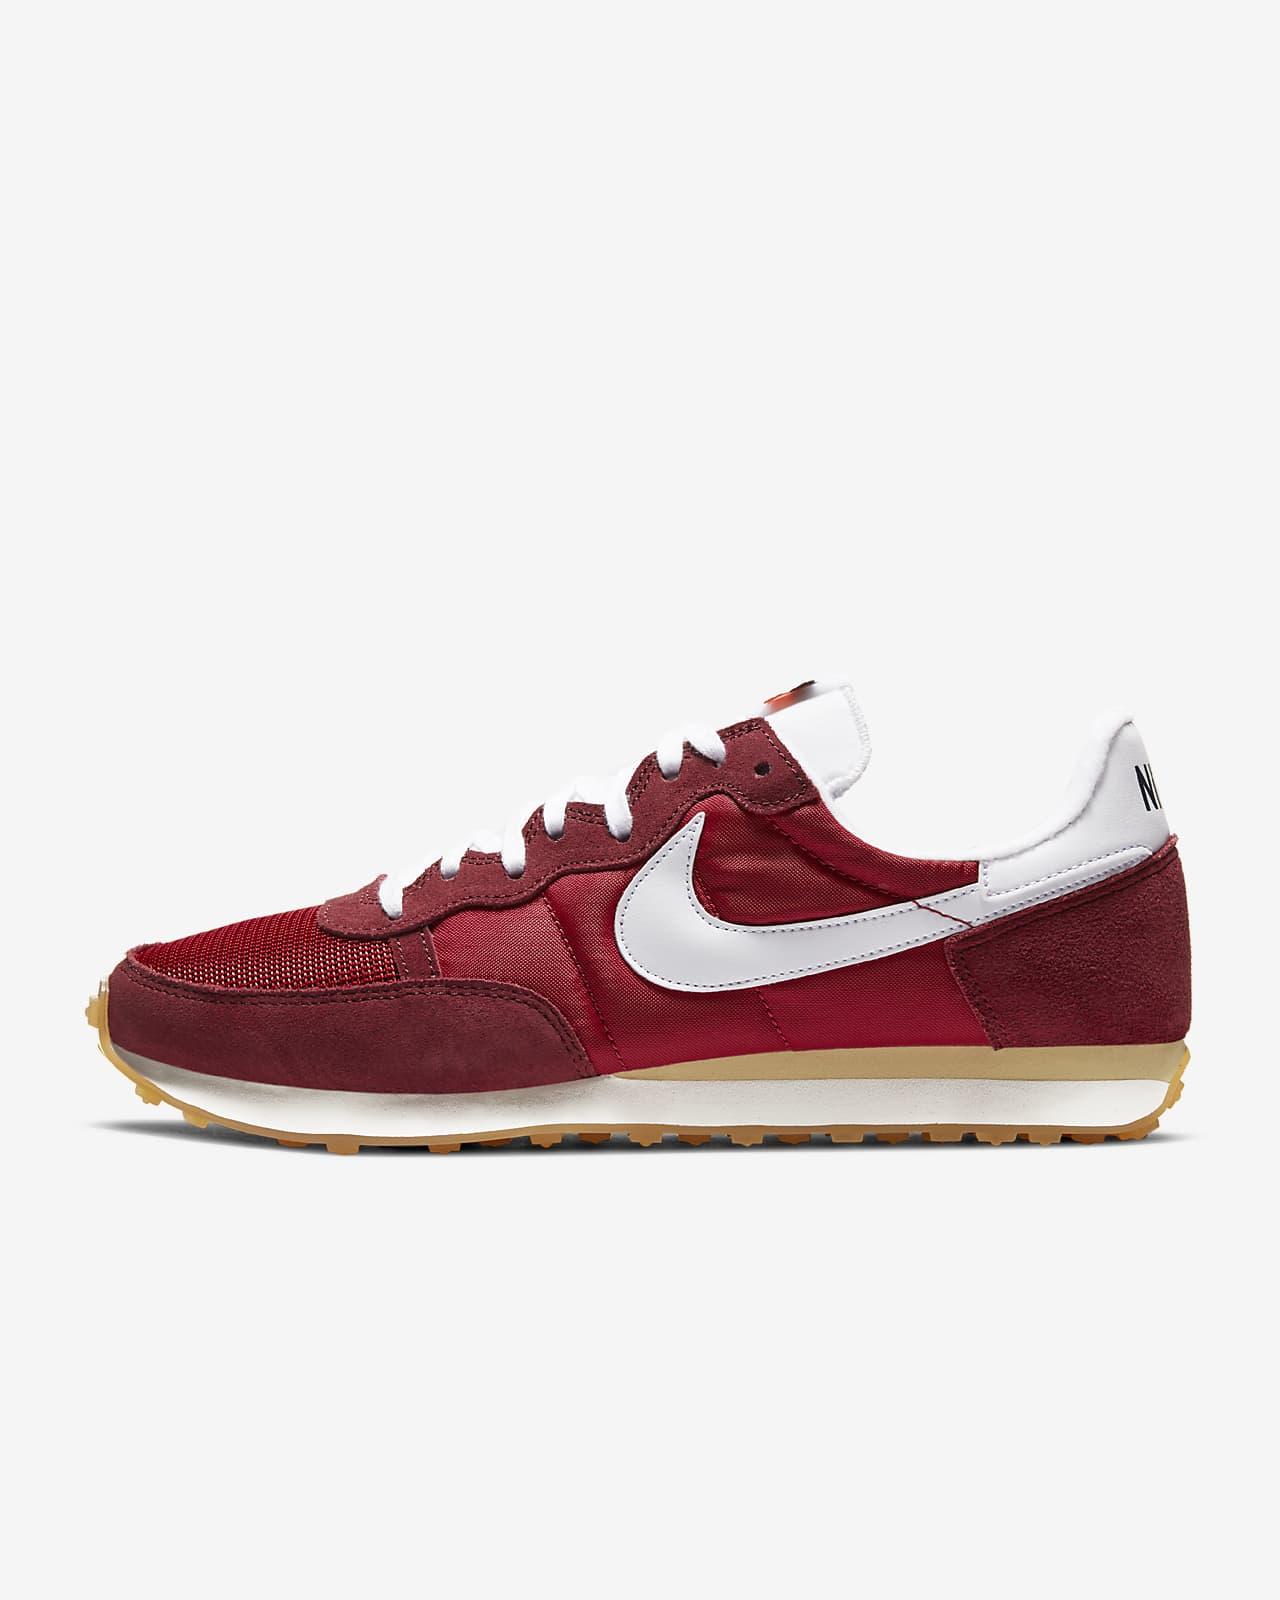 รองเท้าผู้ชาย Nike Challenger OG